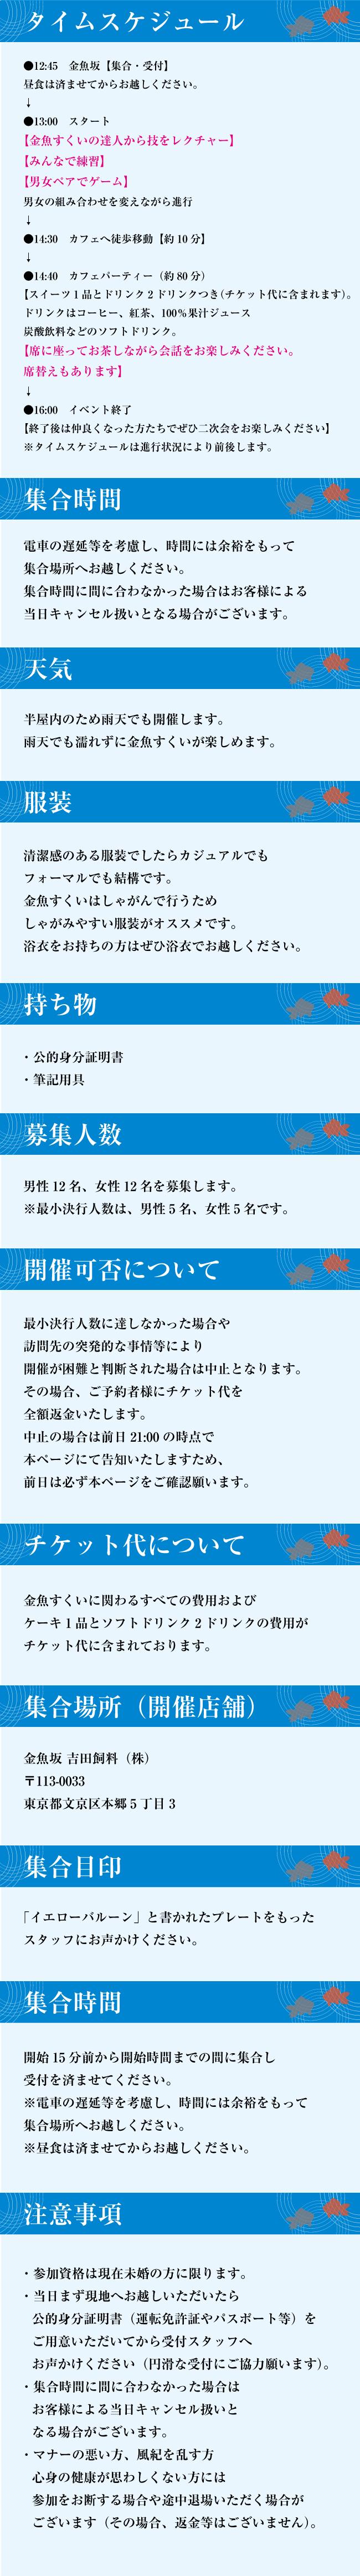 金魚すくいコン13時開始タイムスケジュールと詳細事項